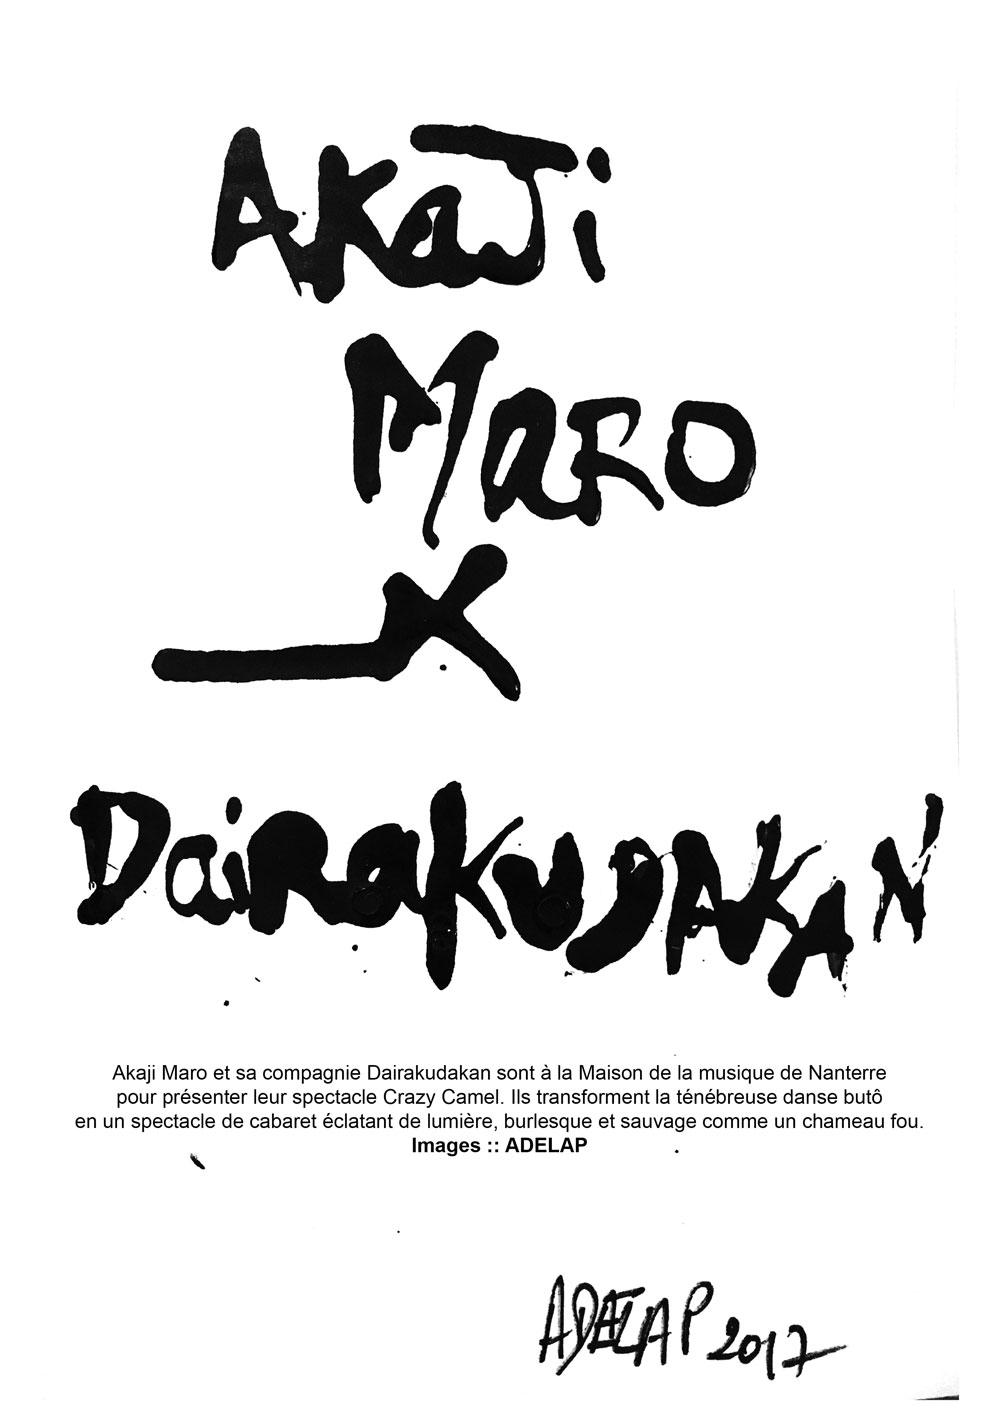 Akaji Maro et Dairakudan